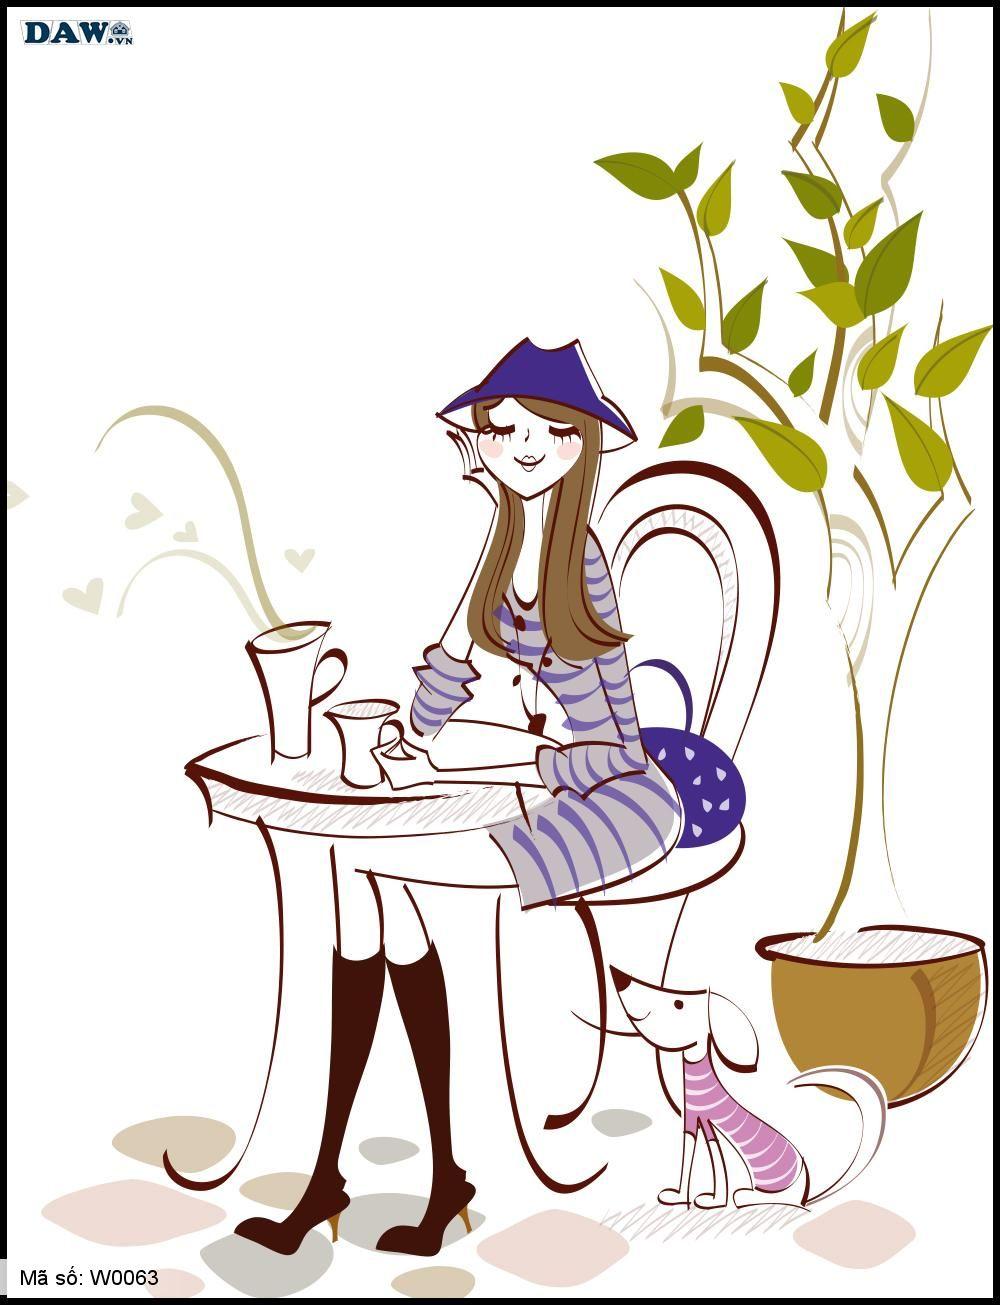 Tranh dán tường Hàn Quốc, hình ảnh cô gái ngồi uống cafe bên cạnh thú cưng W0063